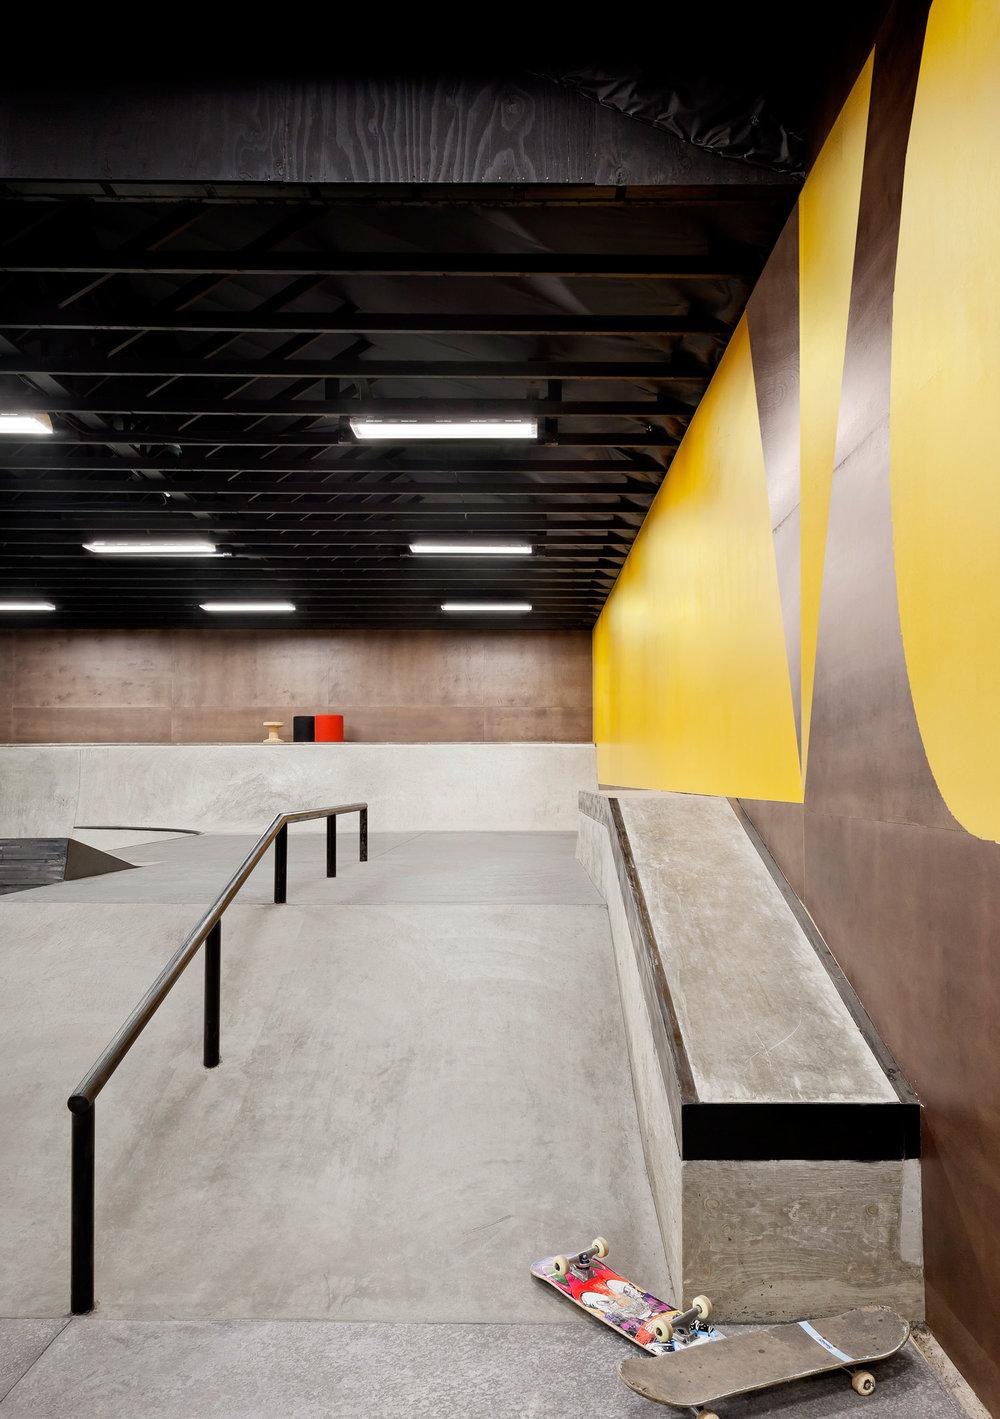 Private-Skatepark_5.jpg